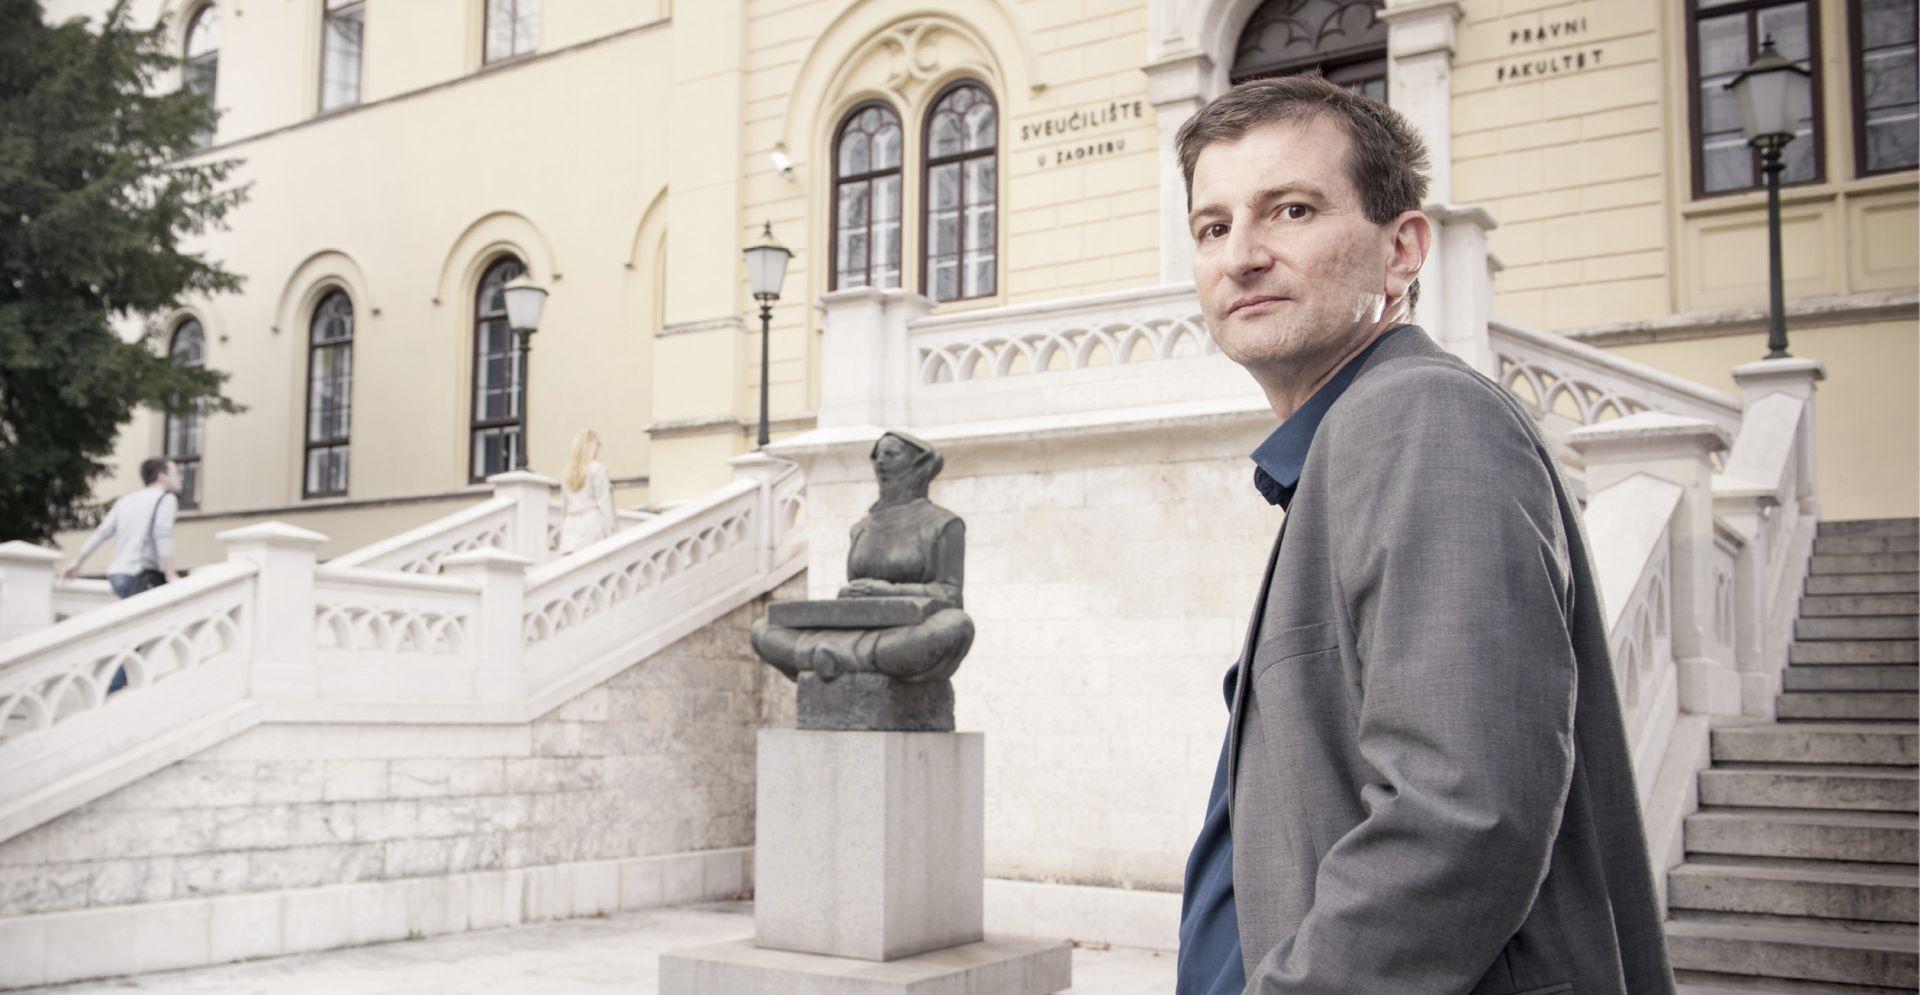 INTERVIEW: TOMISLAV BRACANOVIĆ 'Zbog Borasova eksperimenta neki će profesori dobiti otkaz'